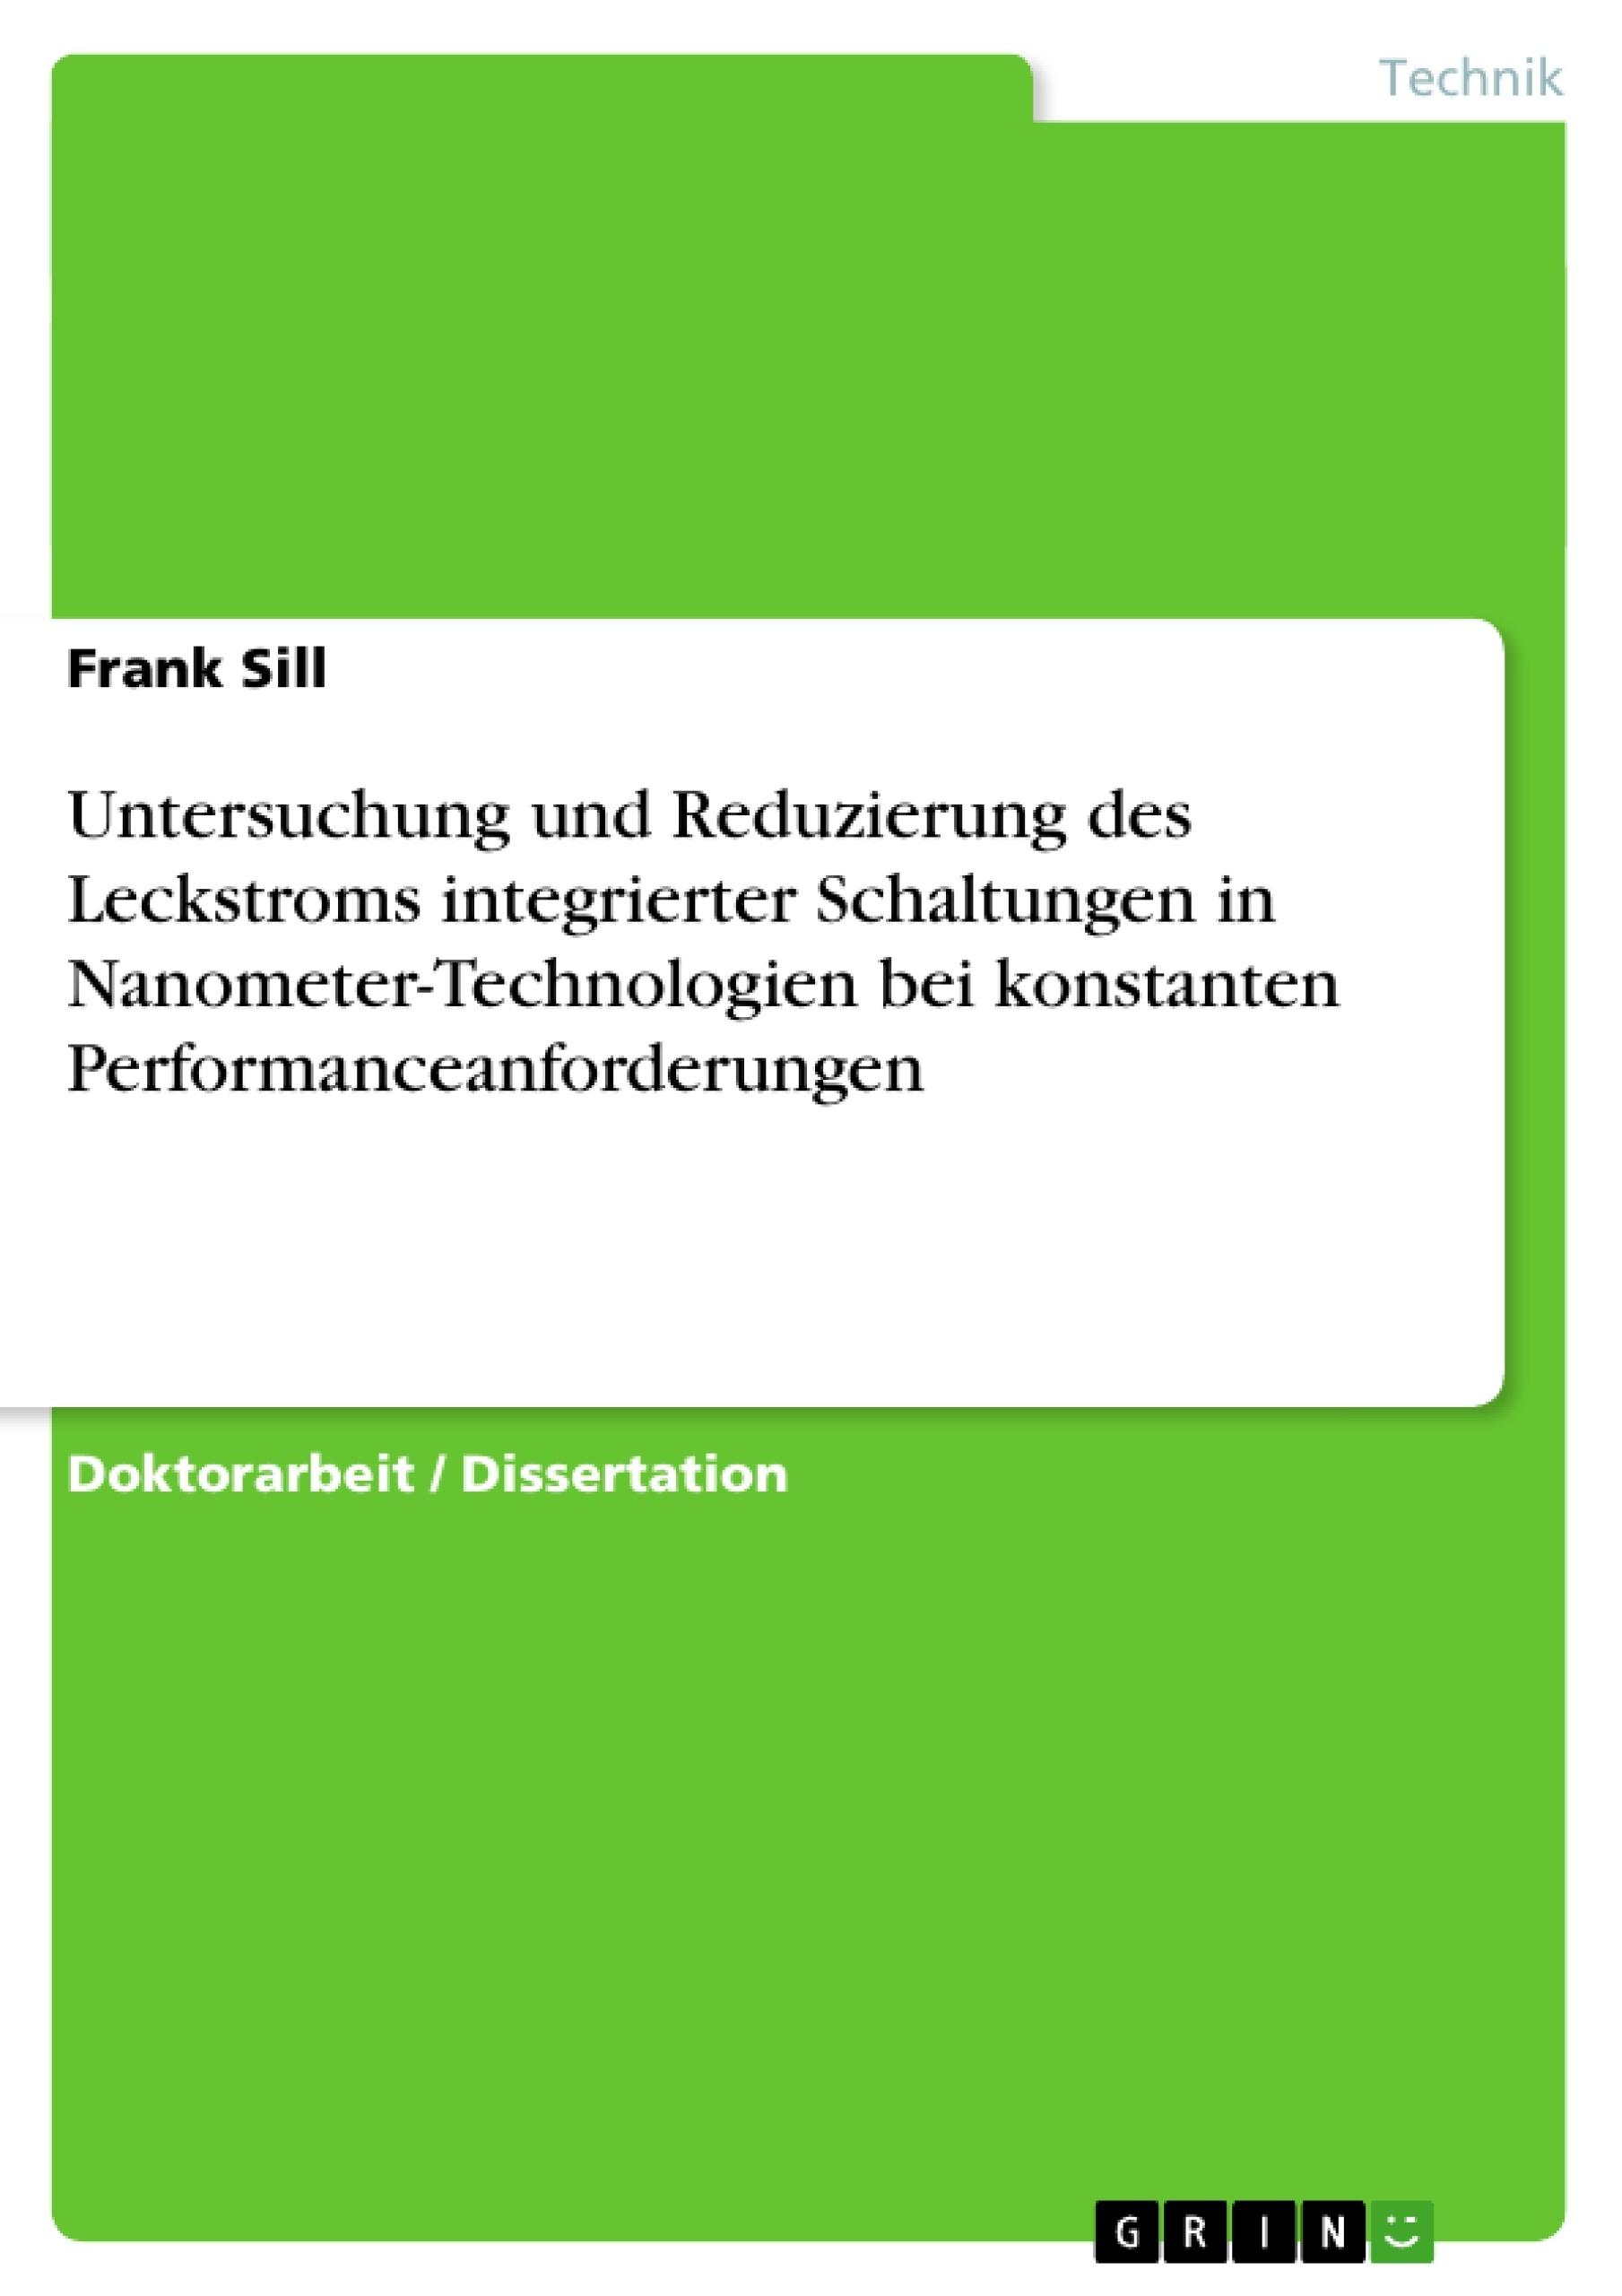 Titel: Untersuchung und Reduzierung des Leckstroms integrierter Schaltungen in Nanometer-Technologien bei konstanten Performanceanforderungen